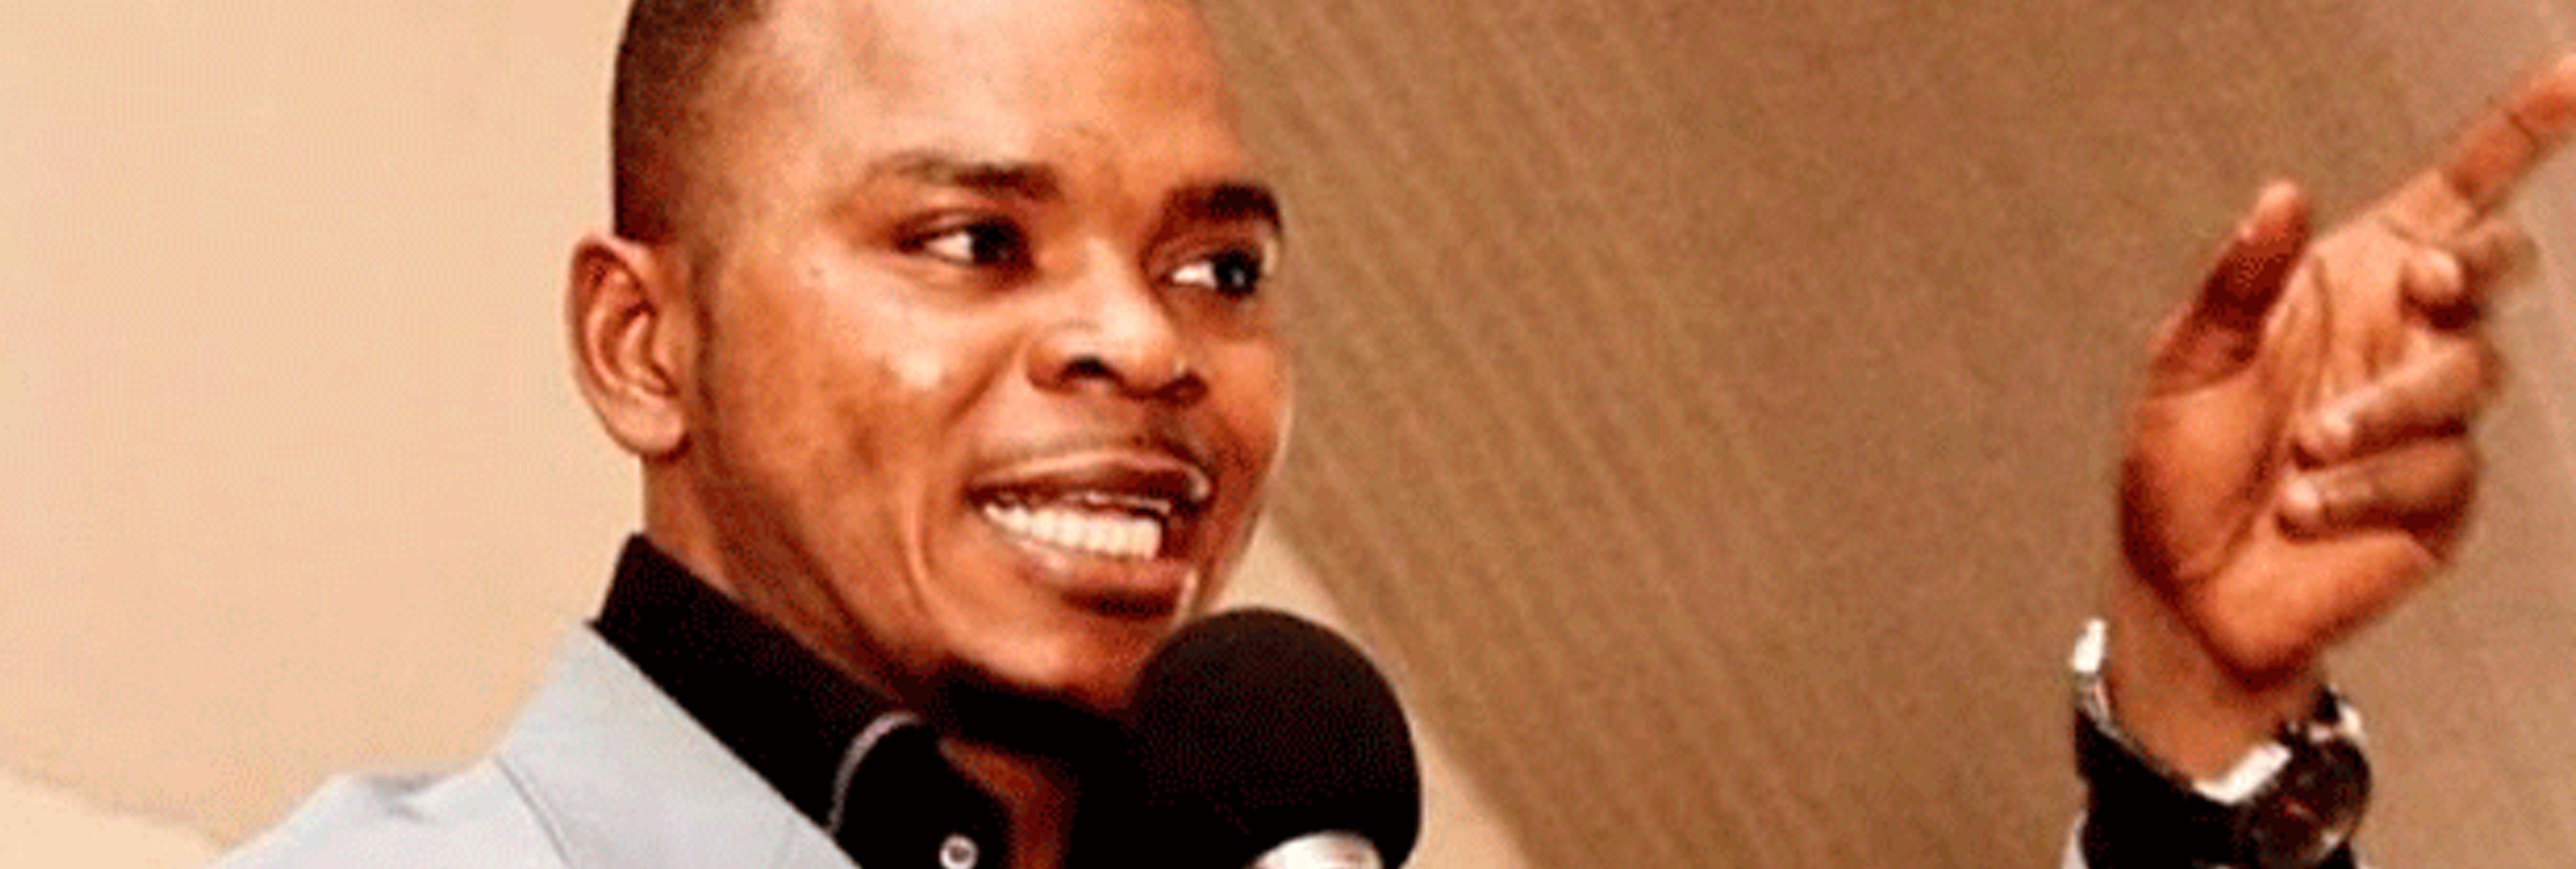 Un obispo de Ghana asegura poder alargar penes con solo tocarlos